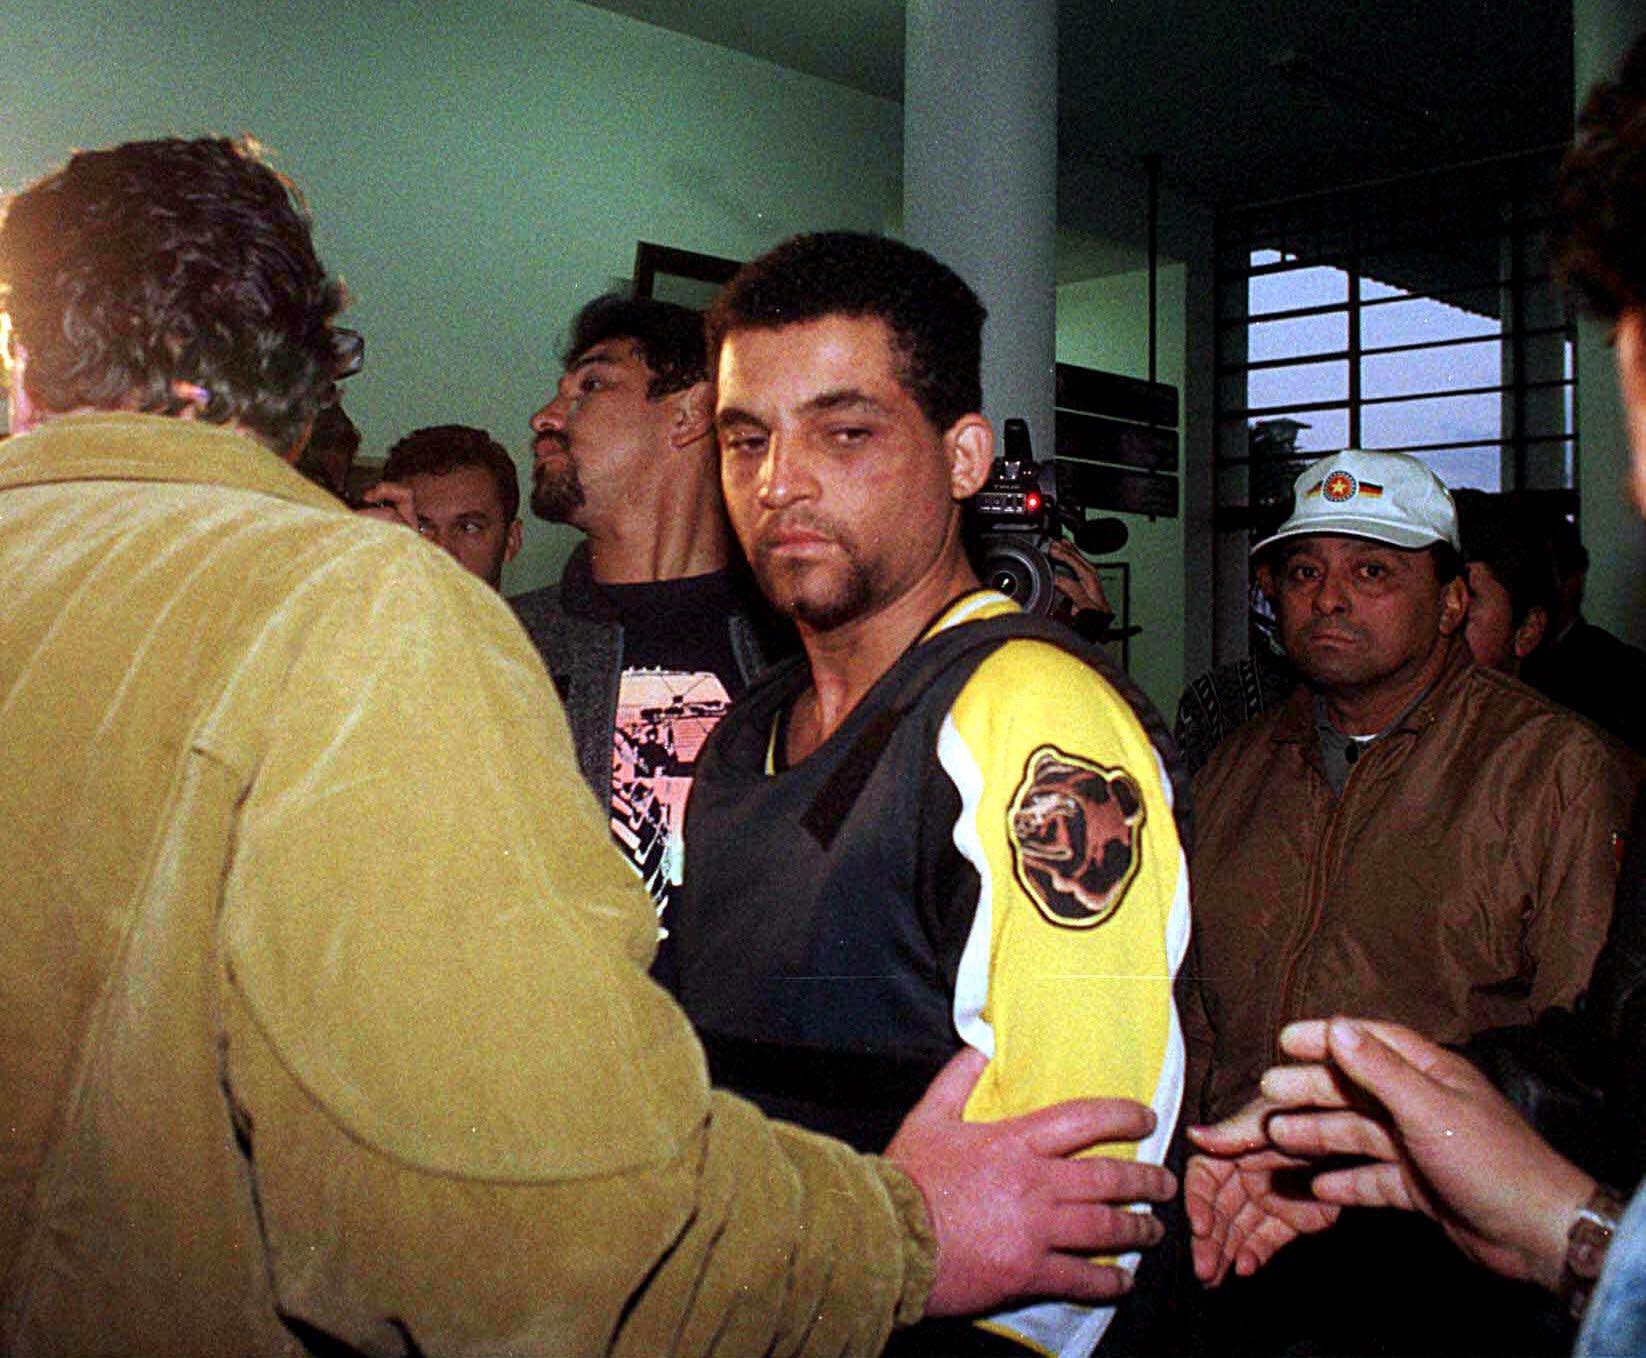 Há 20 anos, Maníaco do Parque era preso; relembre caso que chocou o País